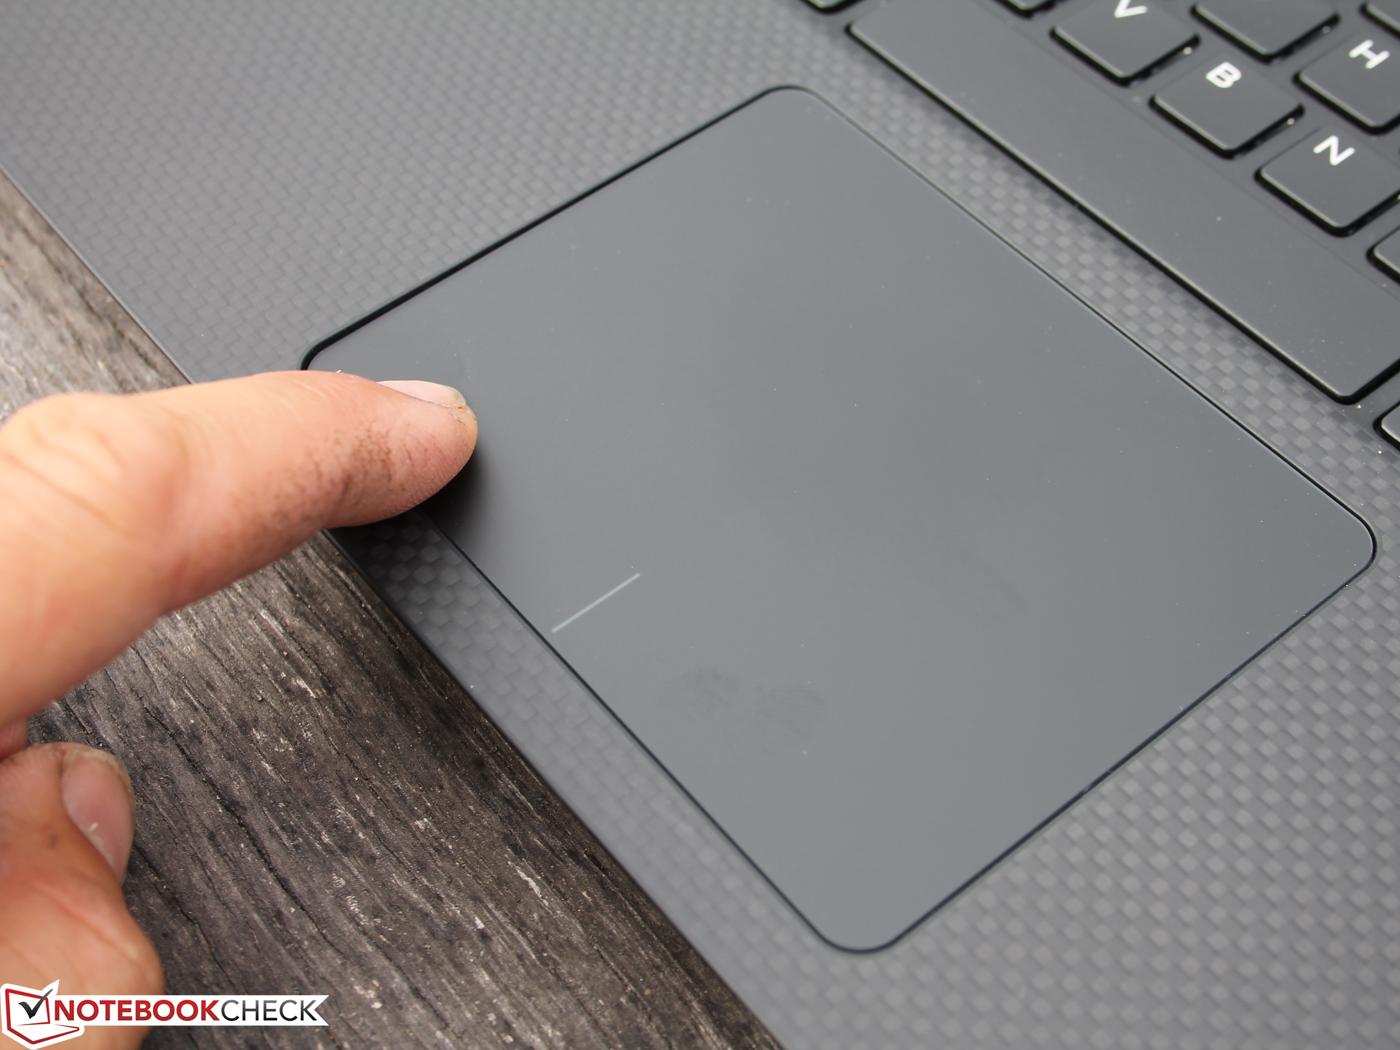 Kısa inceleme: Dell XPS 15 2018 9570 (8300H, GTX 1050, 97Wh) Laptop